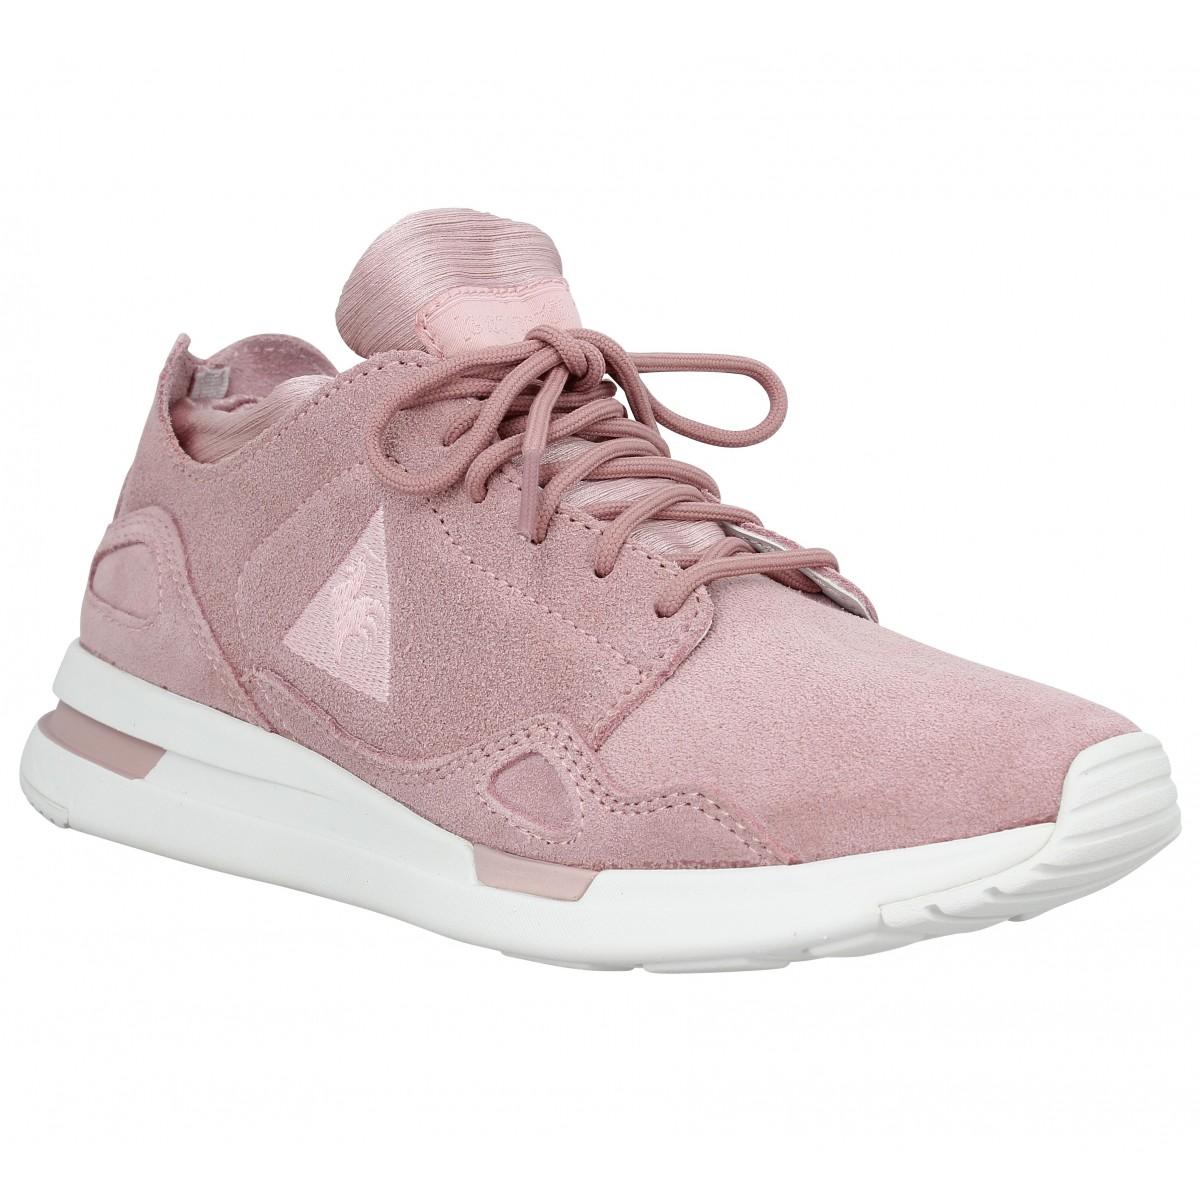 Coq Sportif Sneakers Femme